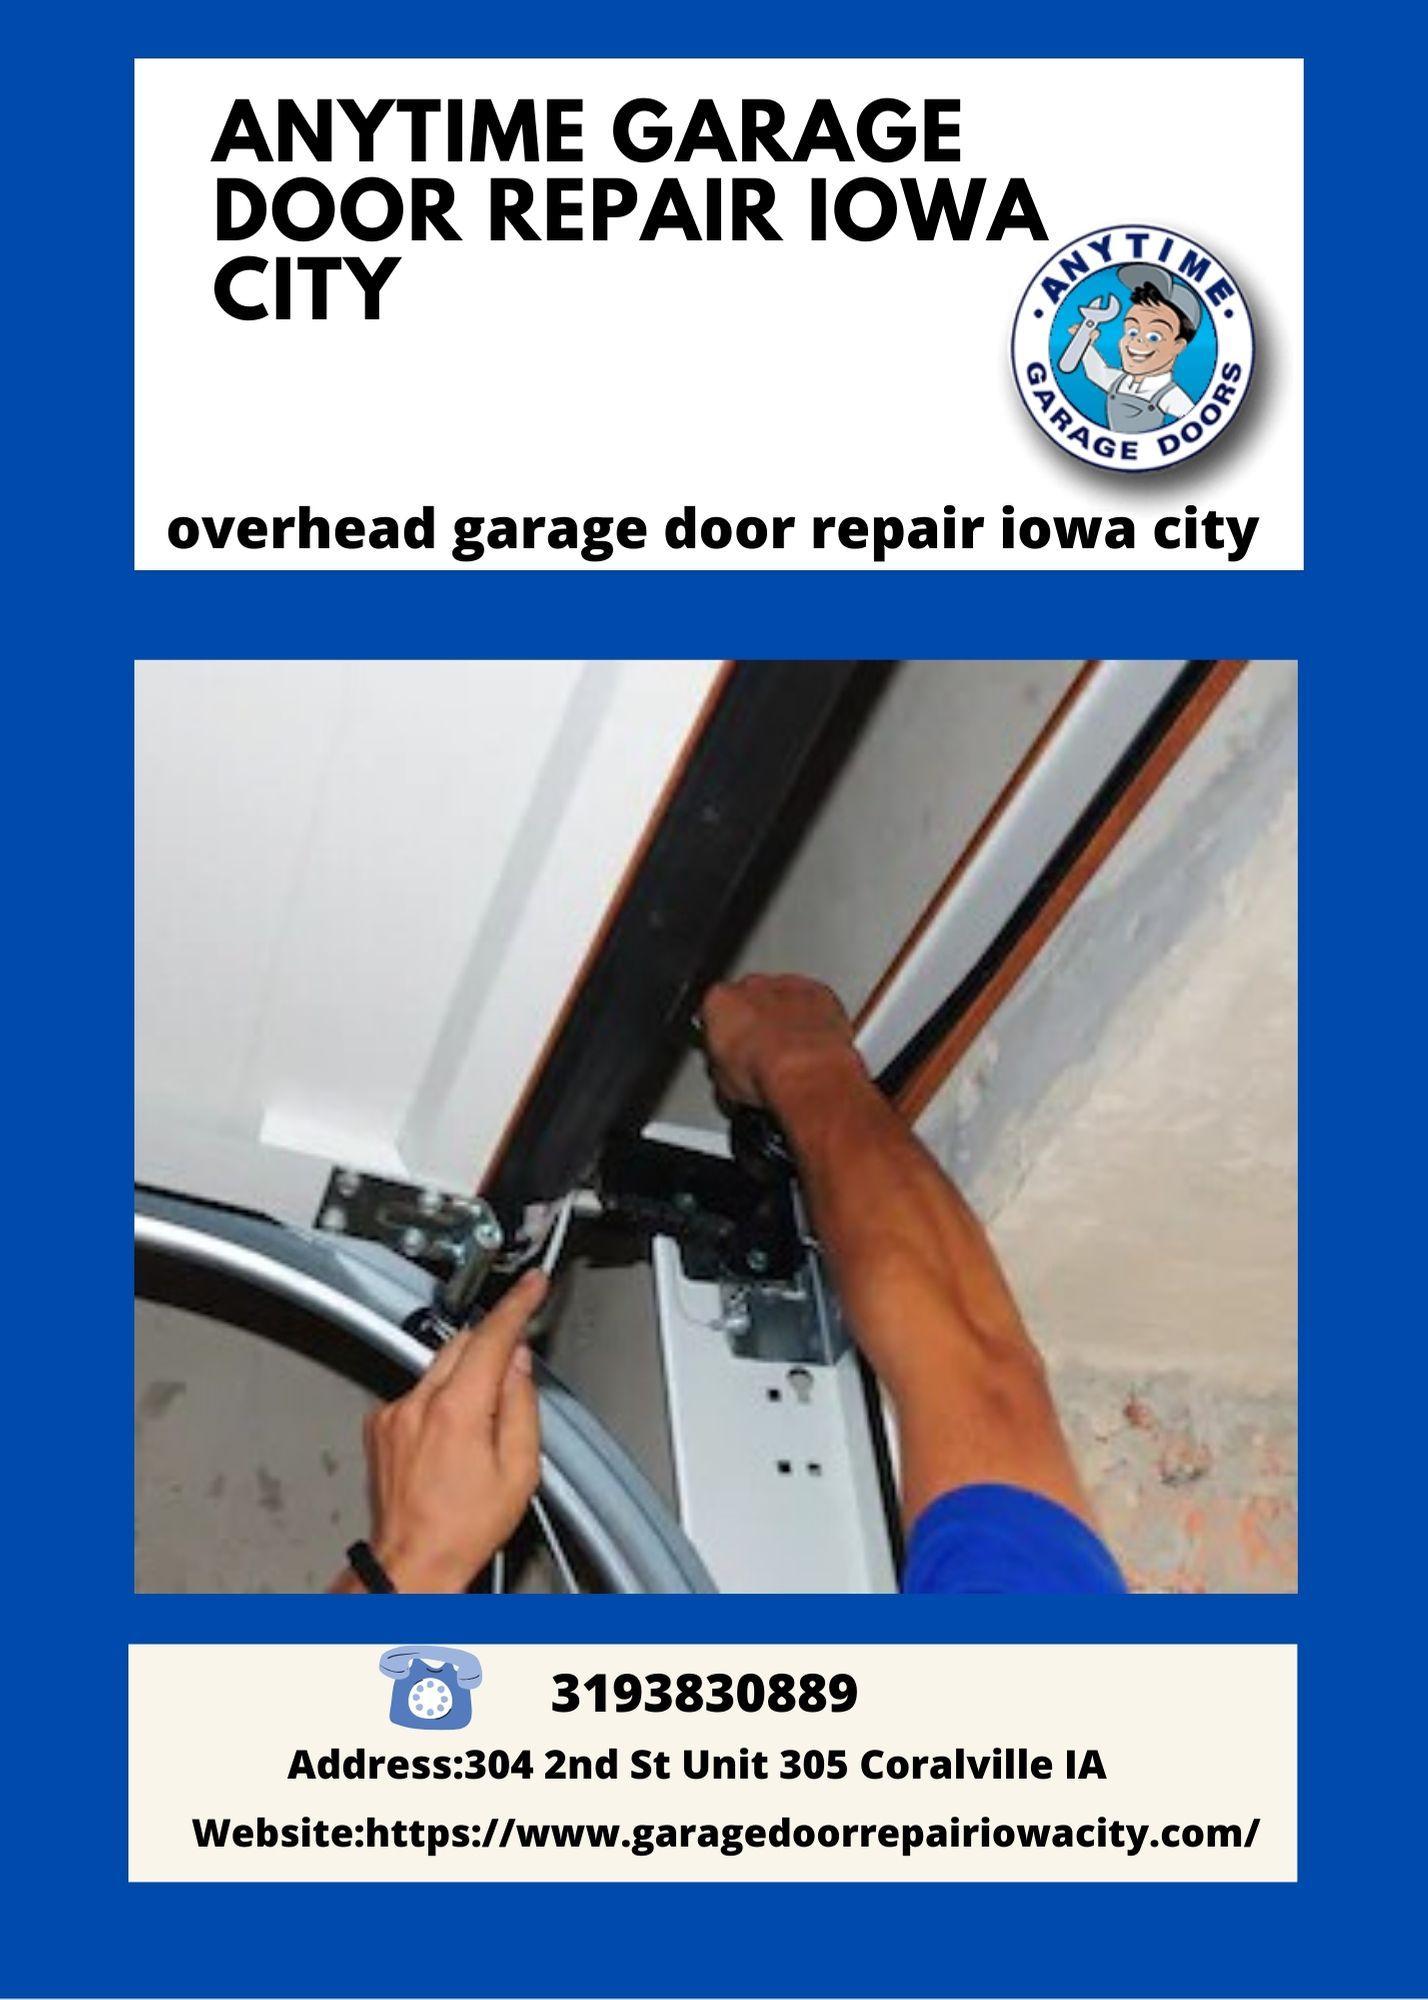 Pin On Anytime Garage Door Repair Iowa City